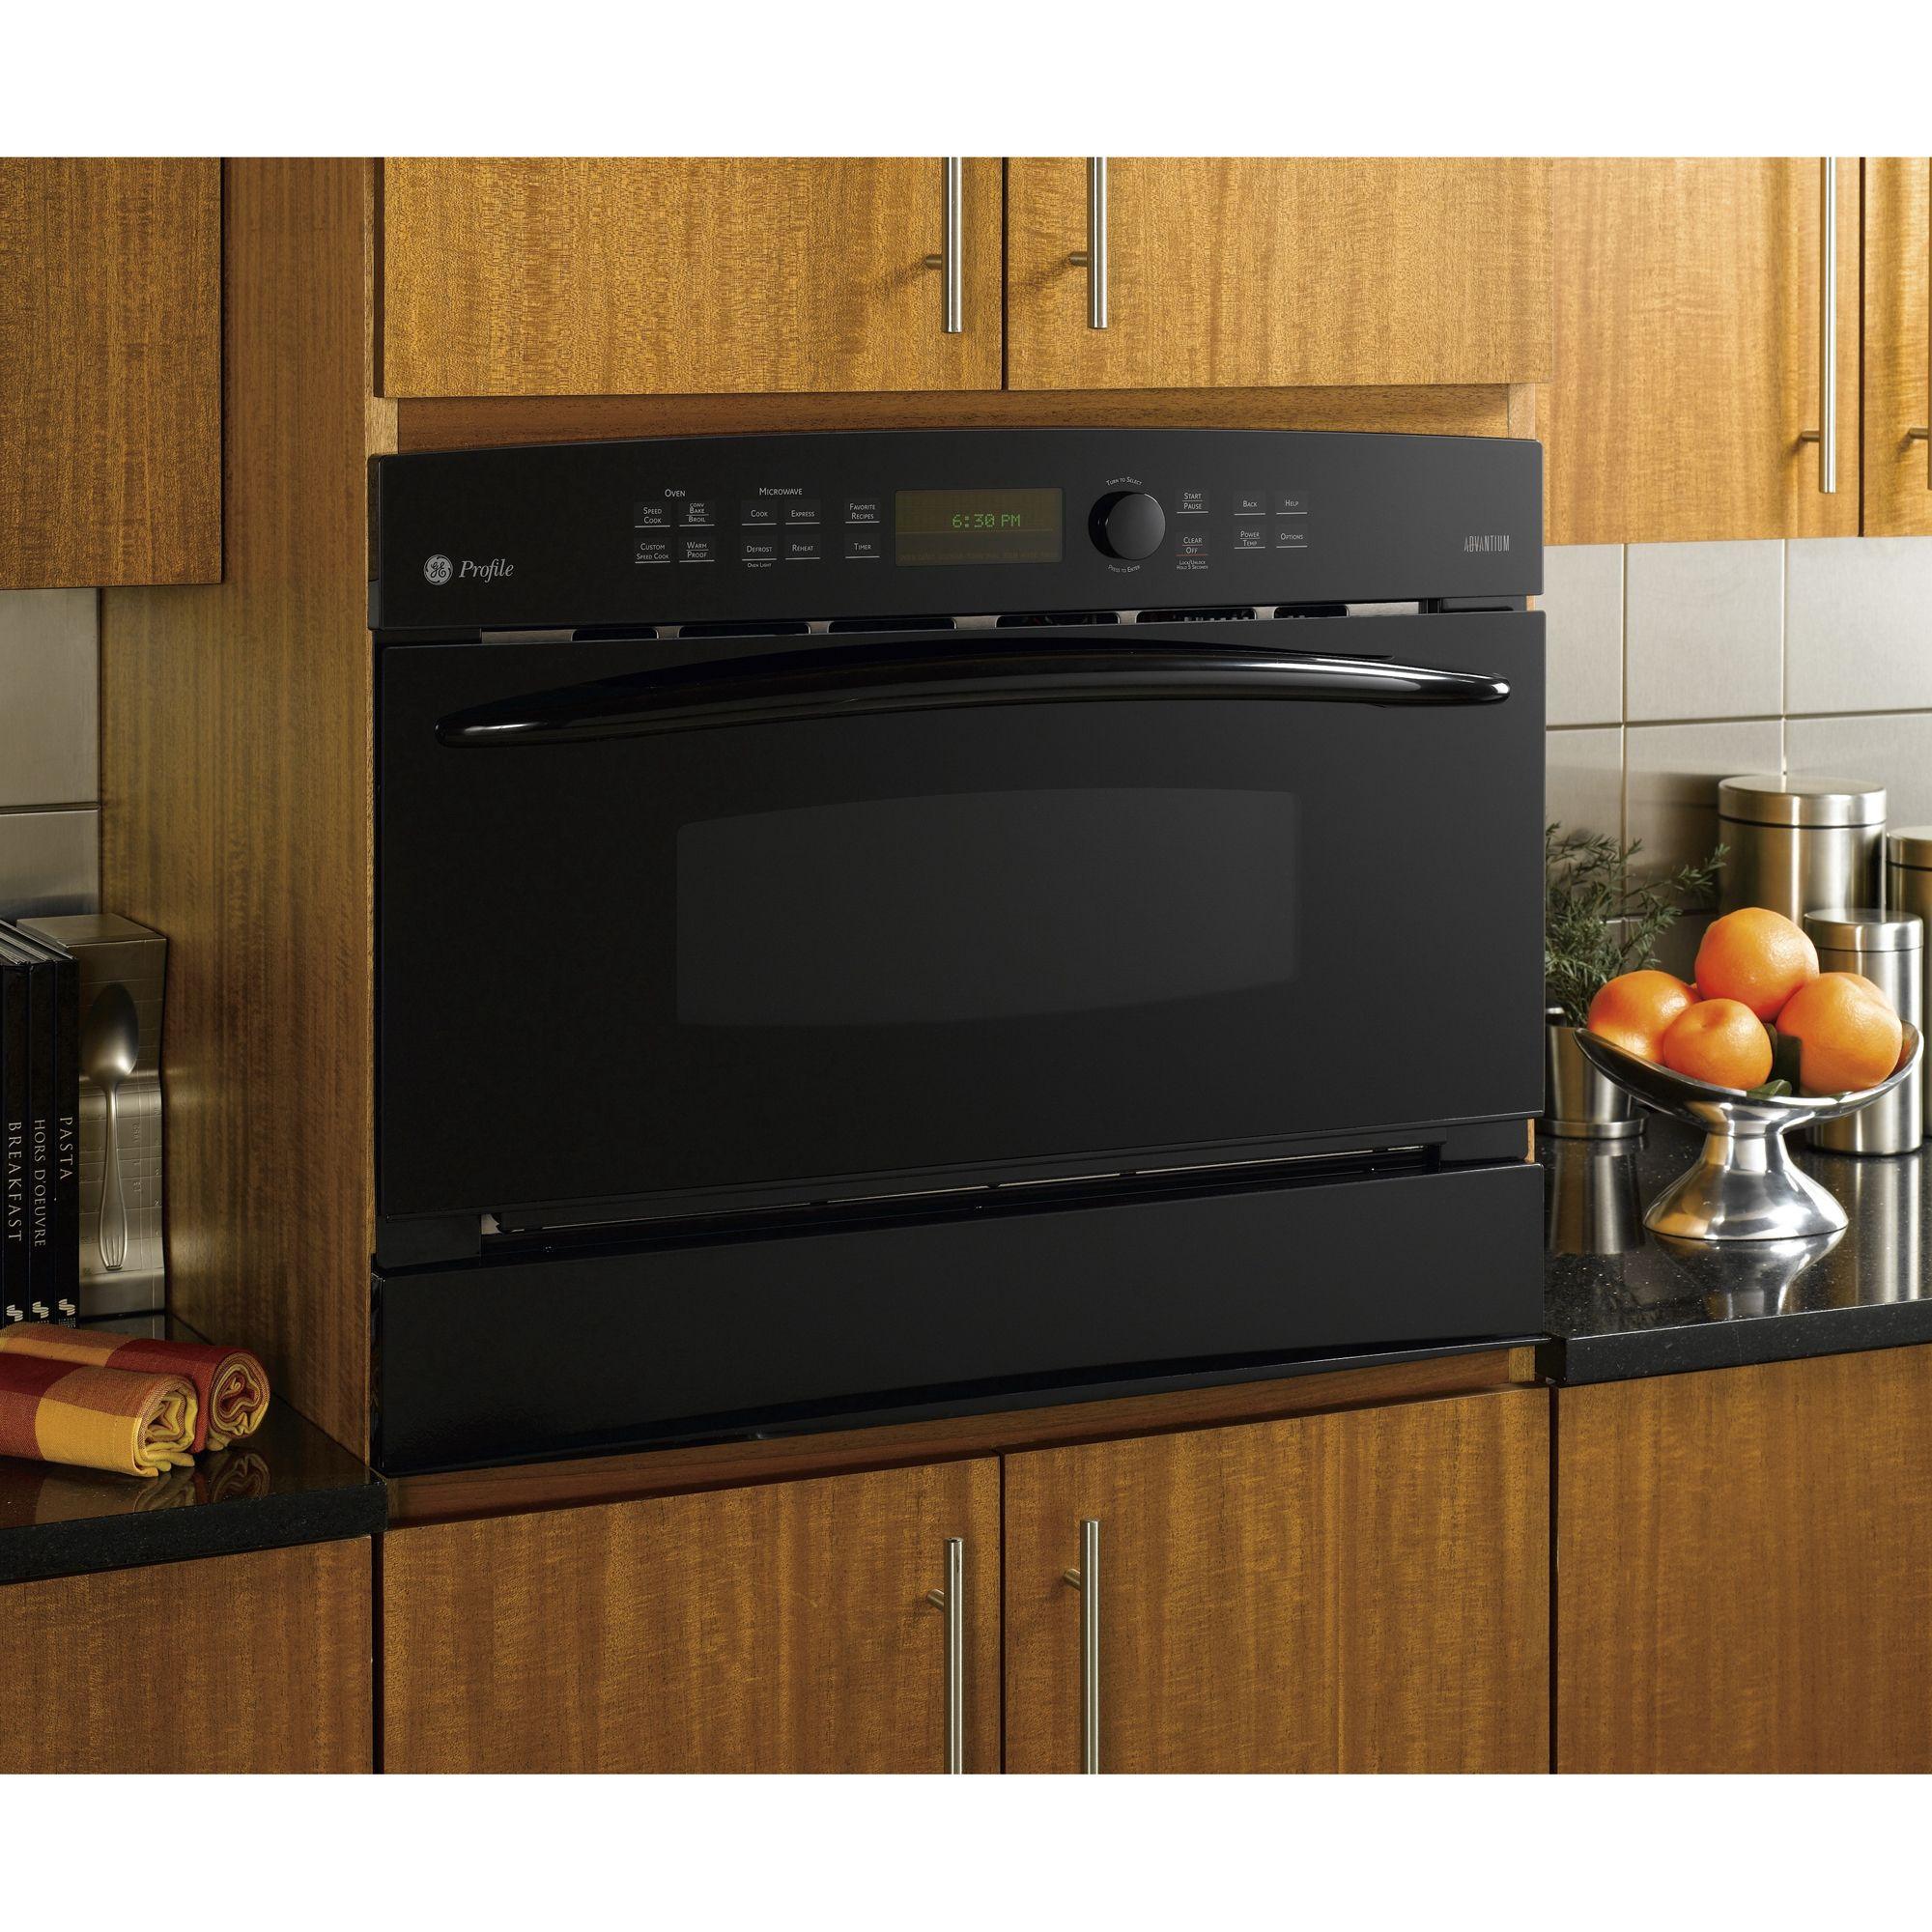 Countertop Advantium Oven : advantium wall oven storage drawer for use with ge profile advantium ...